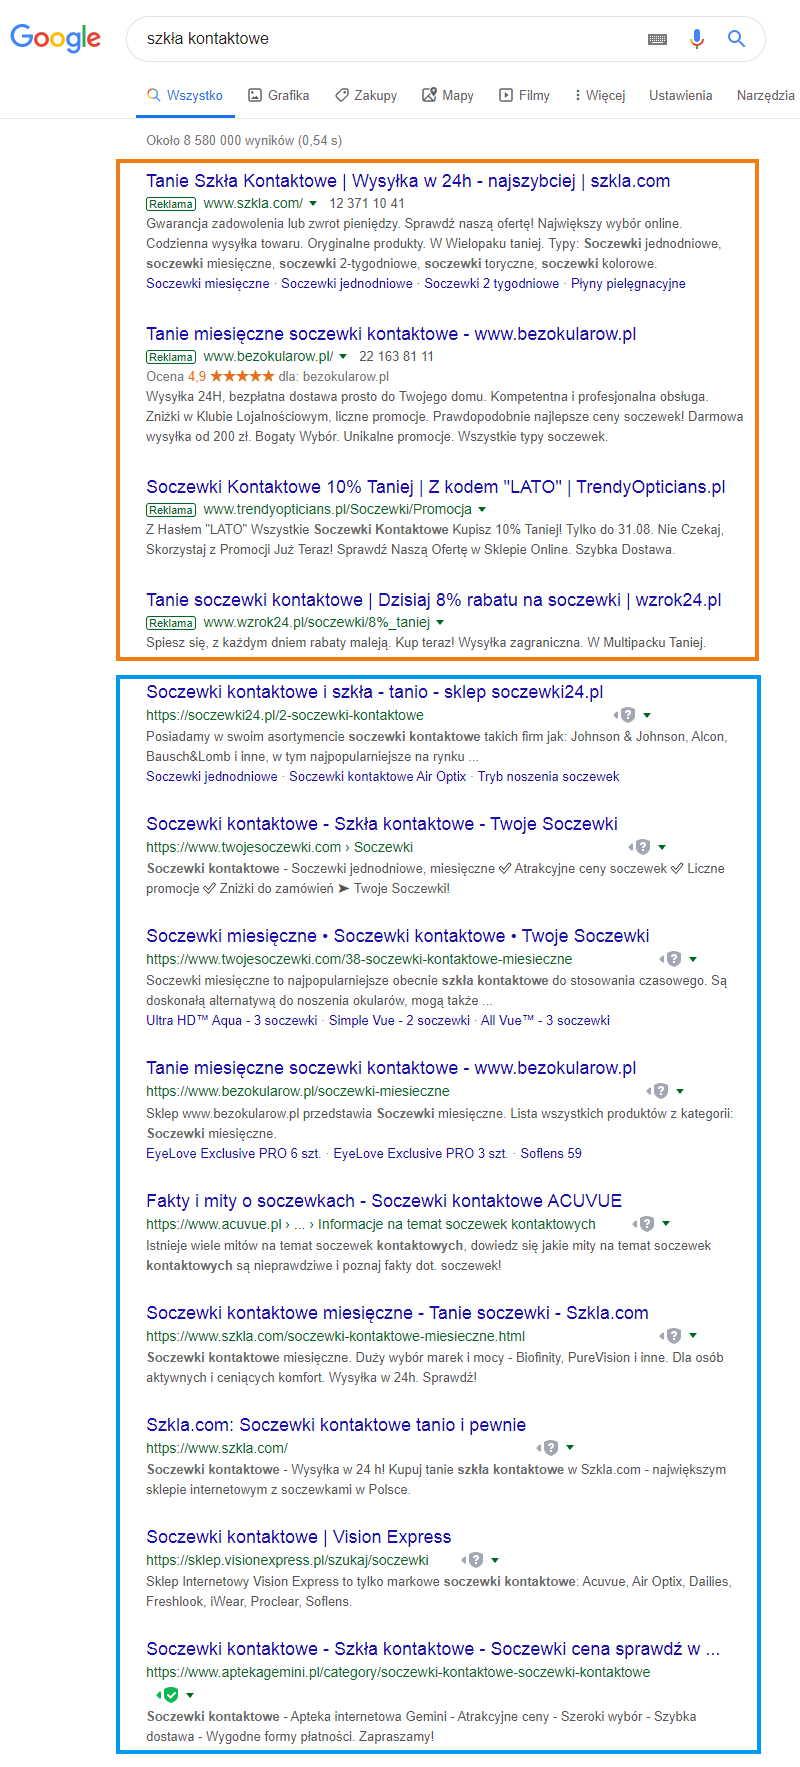 Jak wygladaja wyniki wyszukiwania google